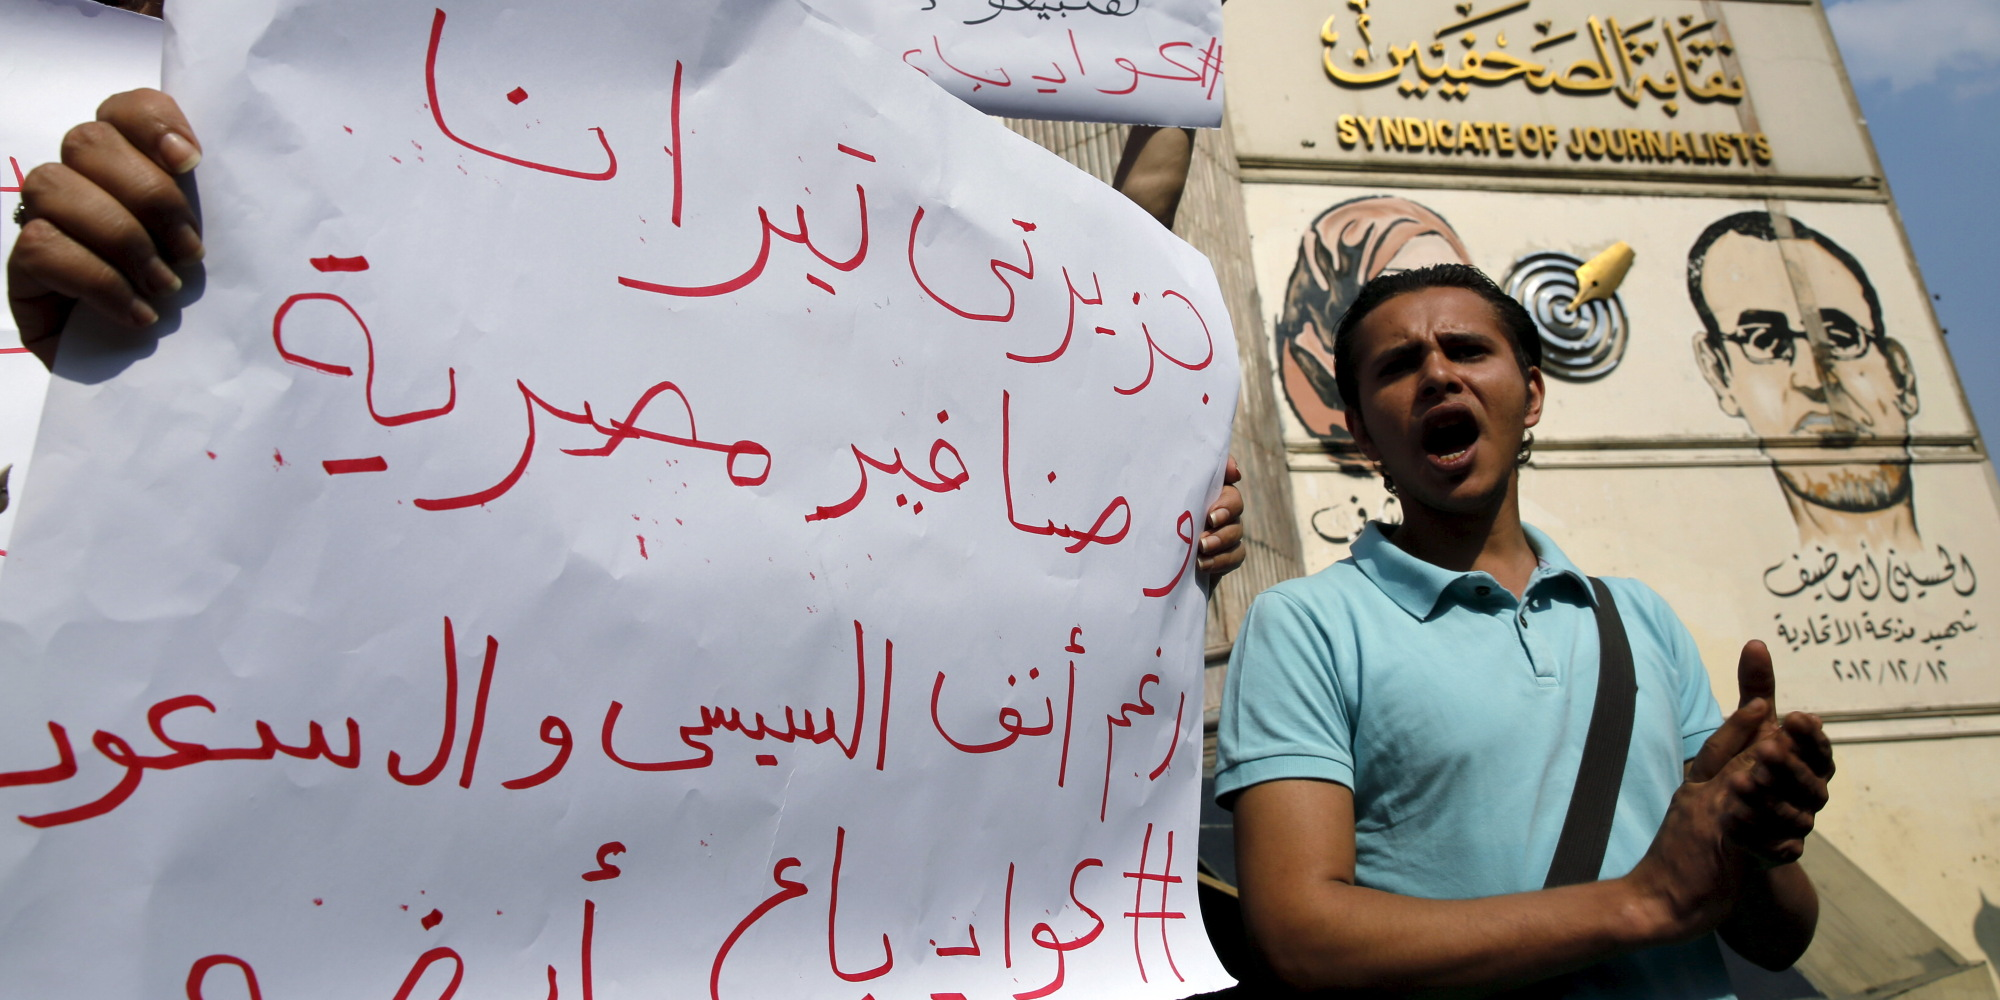 برلمانيون مصريون يقاضون السيسي لوقف تسليم تيران وصنافير للسعودية